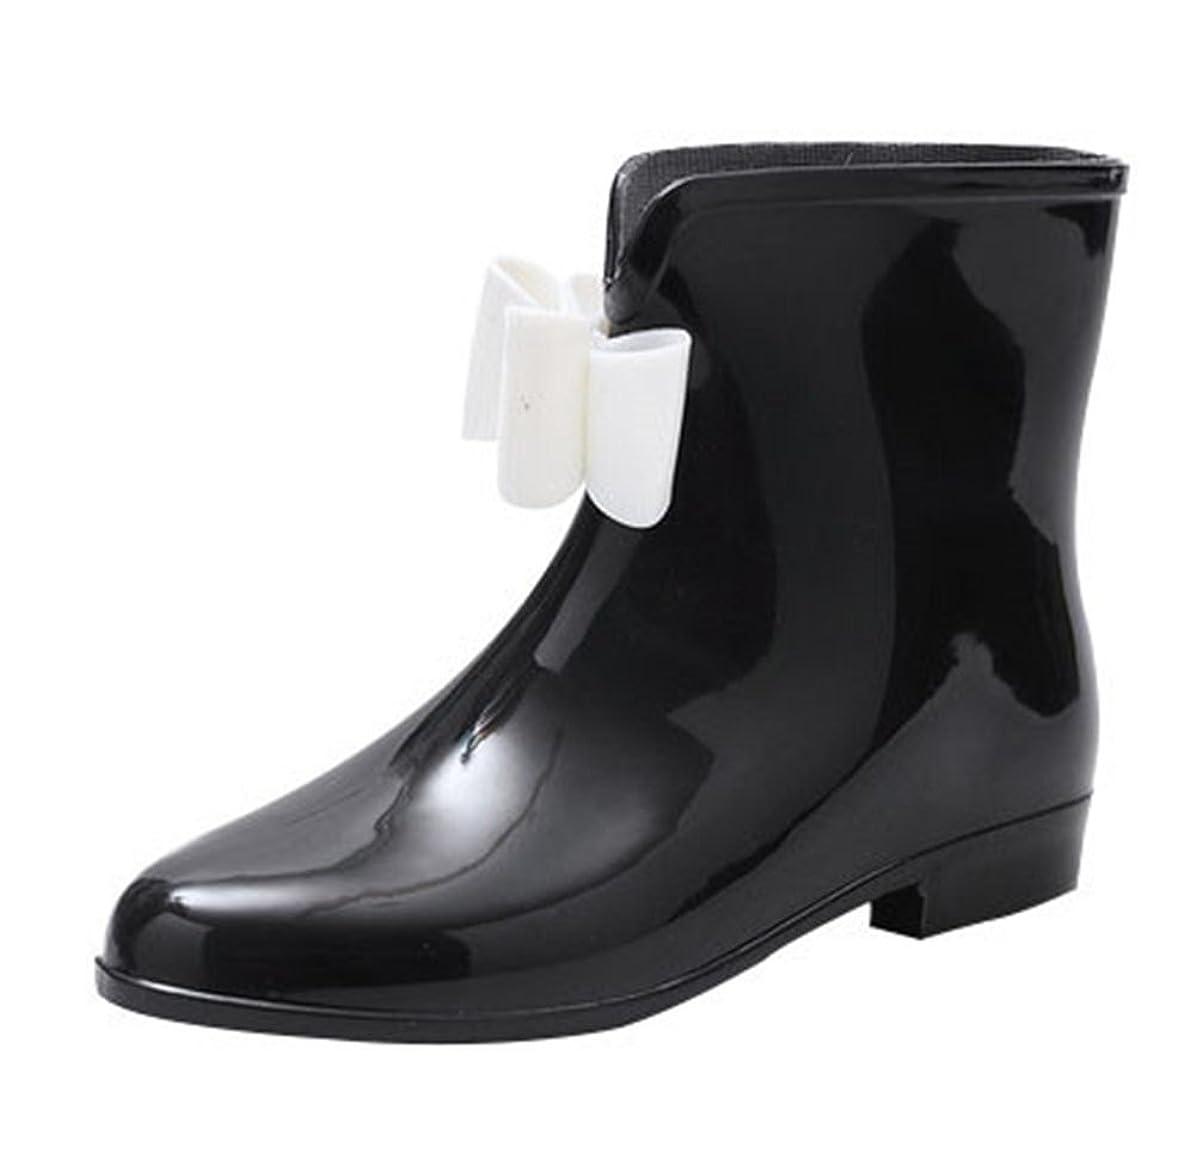 外観フレキシブルゆるくBESTLEE レインシューズ リボン付き レディース 無地 長靴 軽量 防水 梅雨 おしゃれ